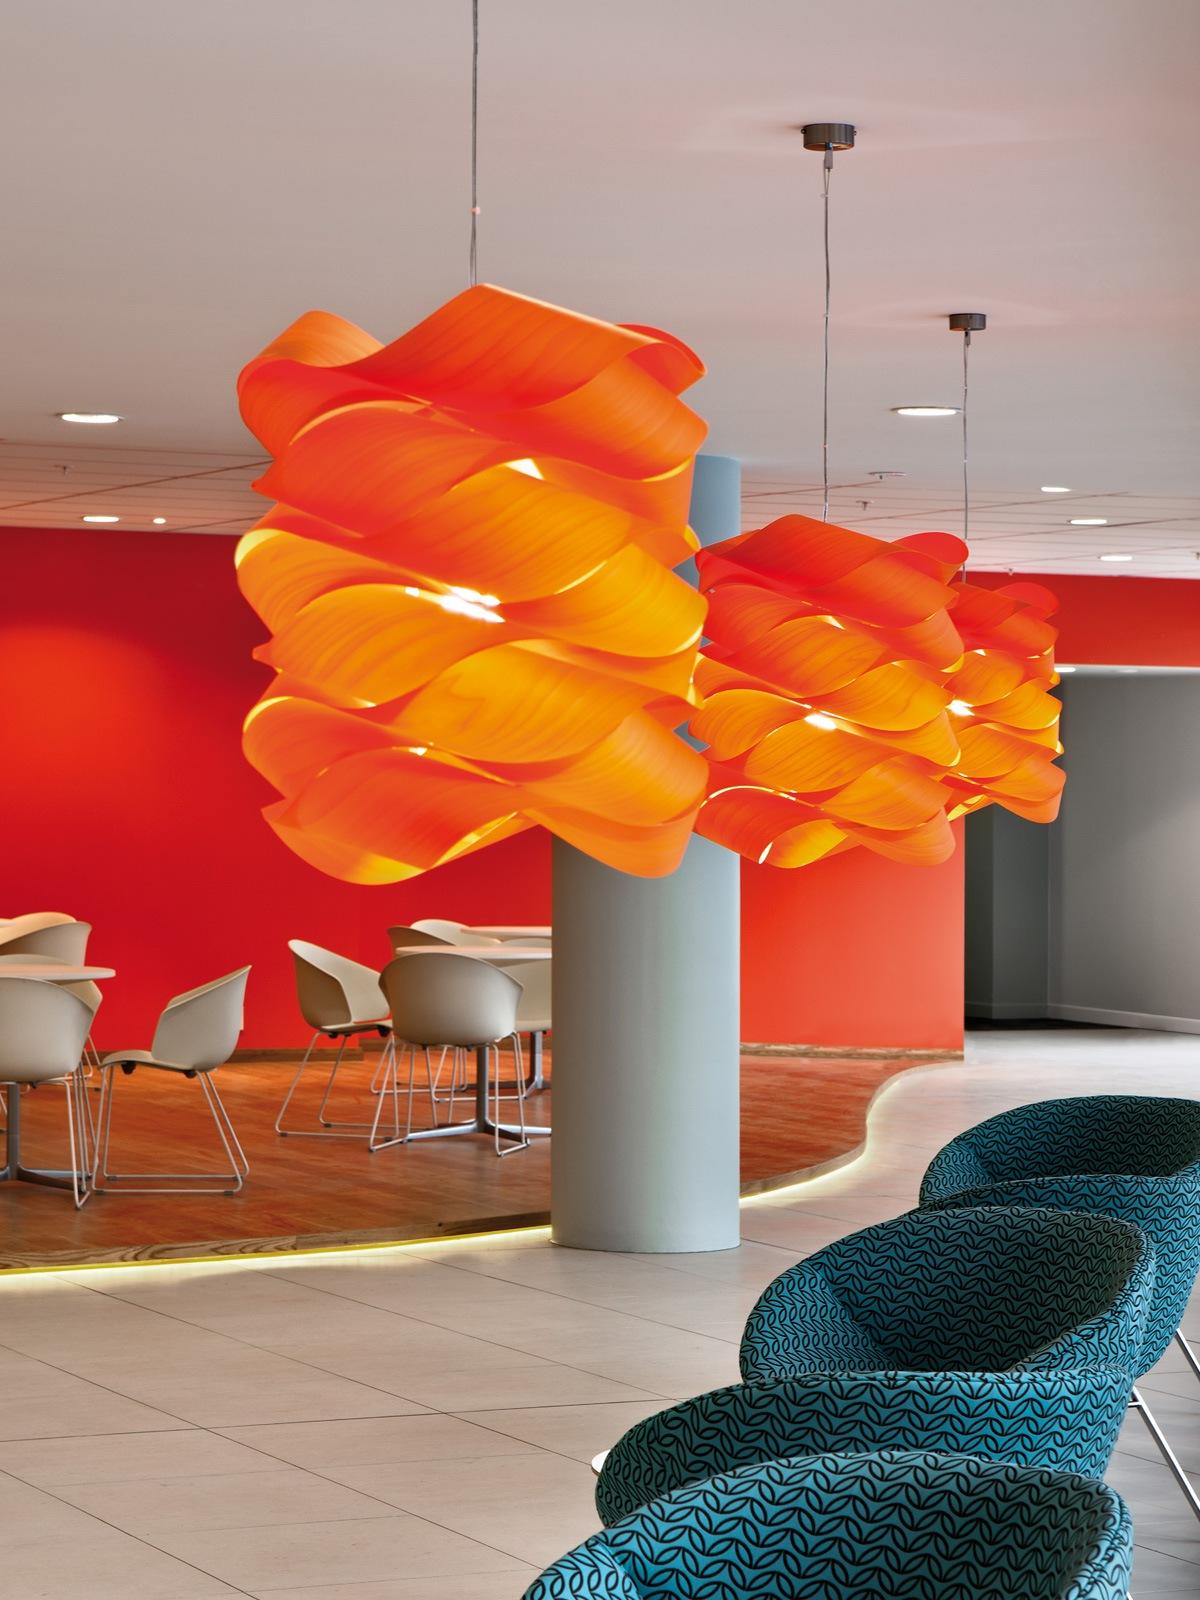 Link Chain große Pendelleuchte von LZF Lamps aus Furnierholz Design Ort Lampen Berlin